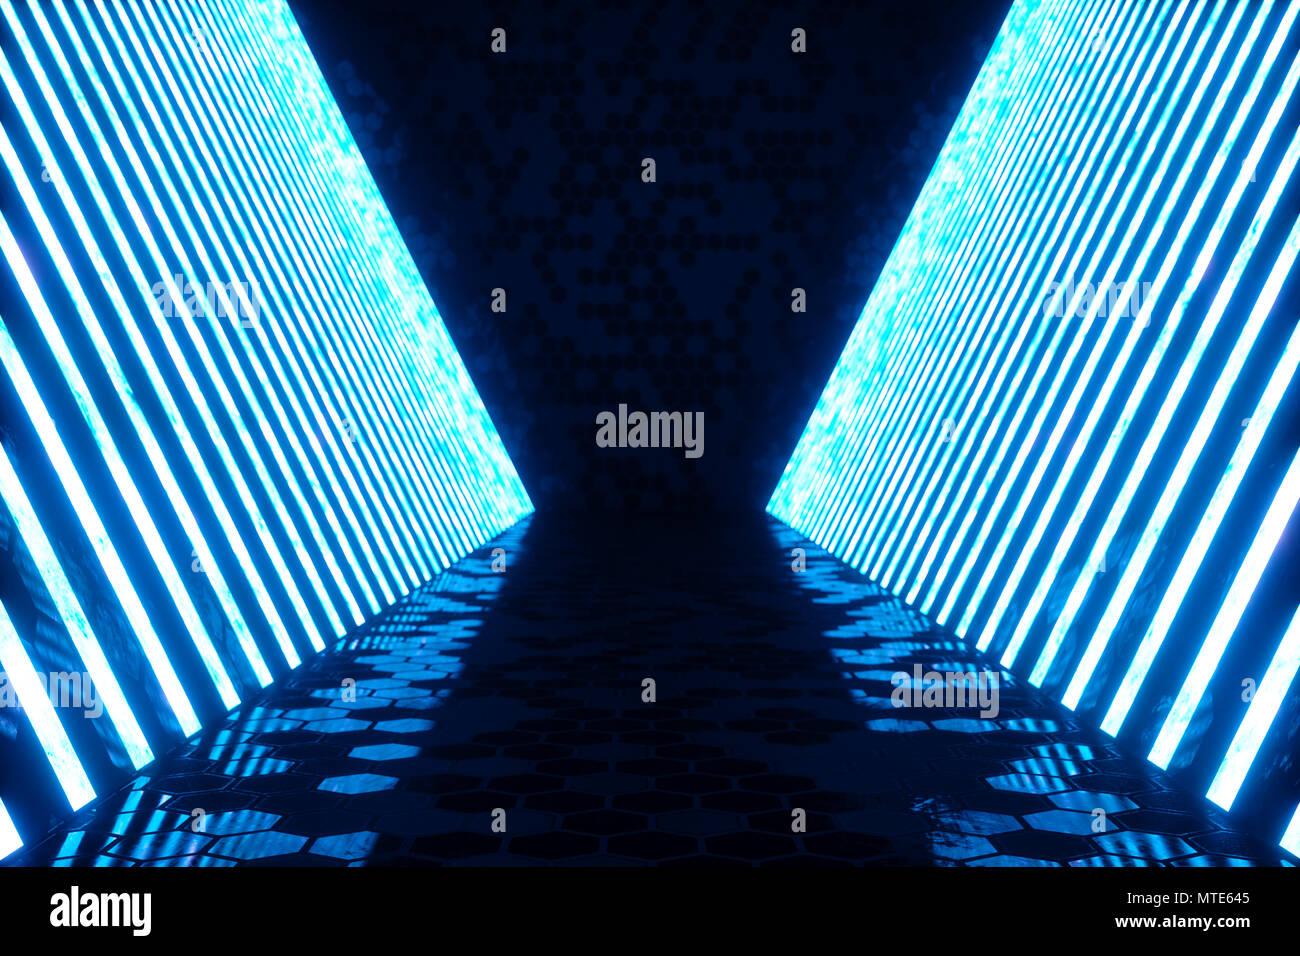 3d rendering abstrakt blau zimmer innenraum mit blauen neonröhren